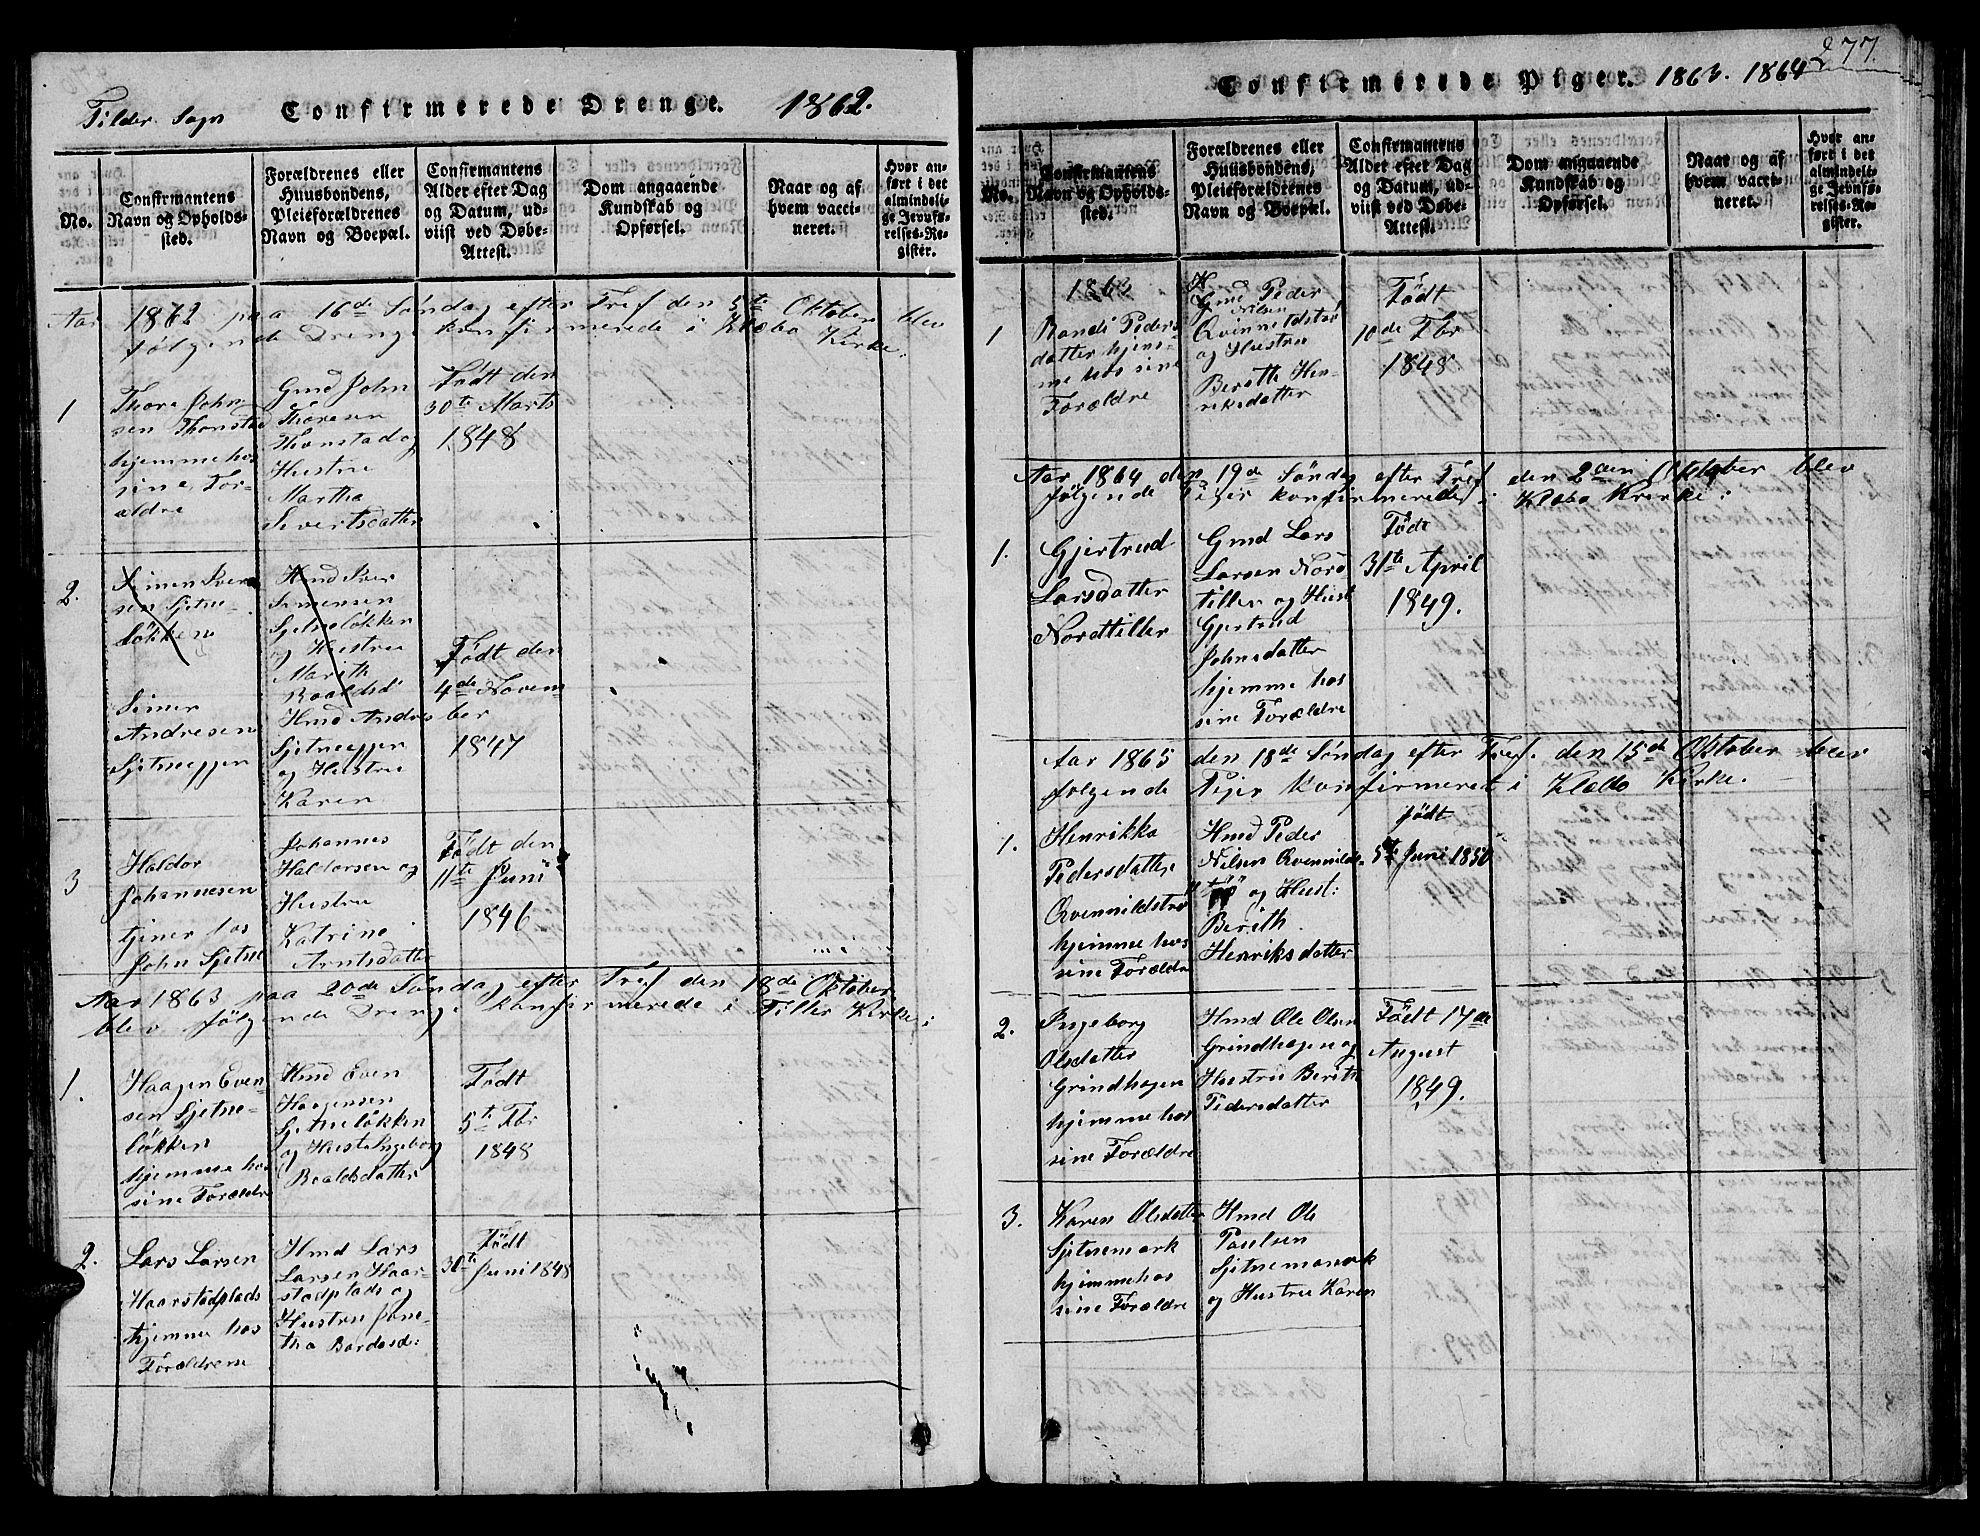 SAT, Ministerialprotokoller, klokkerbøker og fødselsregistre - Sør-Trøndelag, 621/L0458: Klokkerbok nr. 621C01, 1816-1865, s. 277